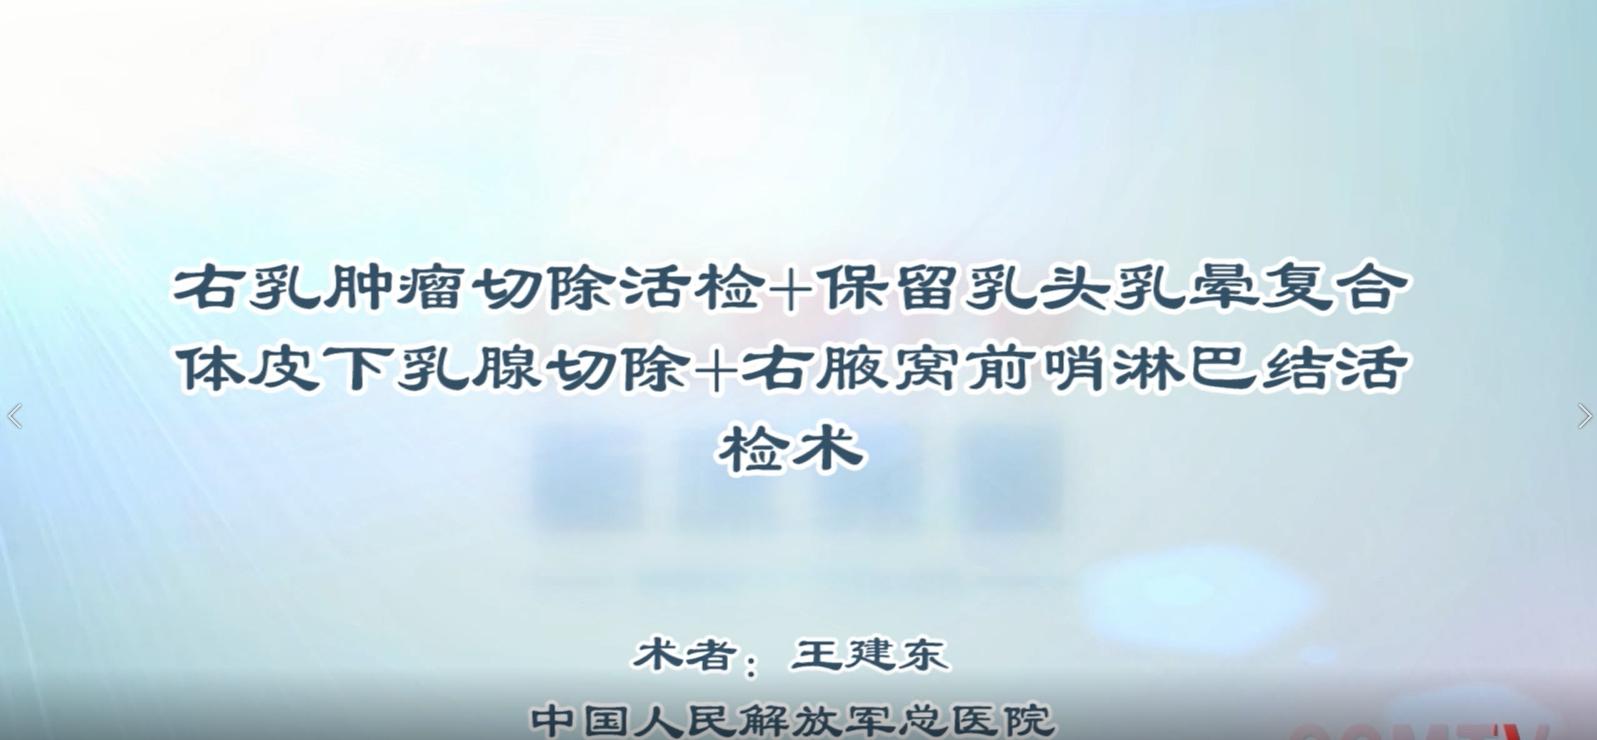 王建东:右乳肿瘤切除活检+保留乳头乳晕复合体皮下乳腺切除+前哨淋巴结活检术